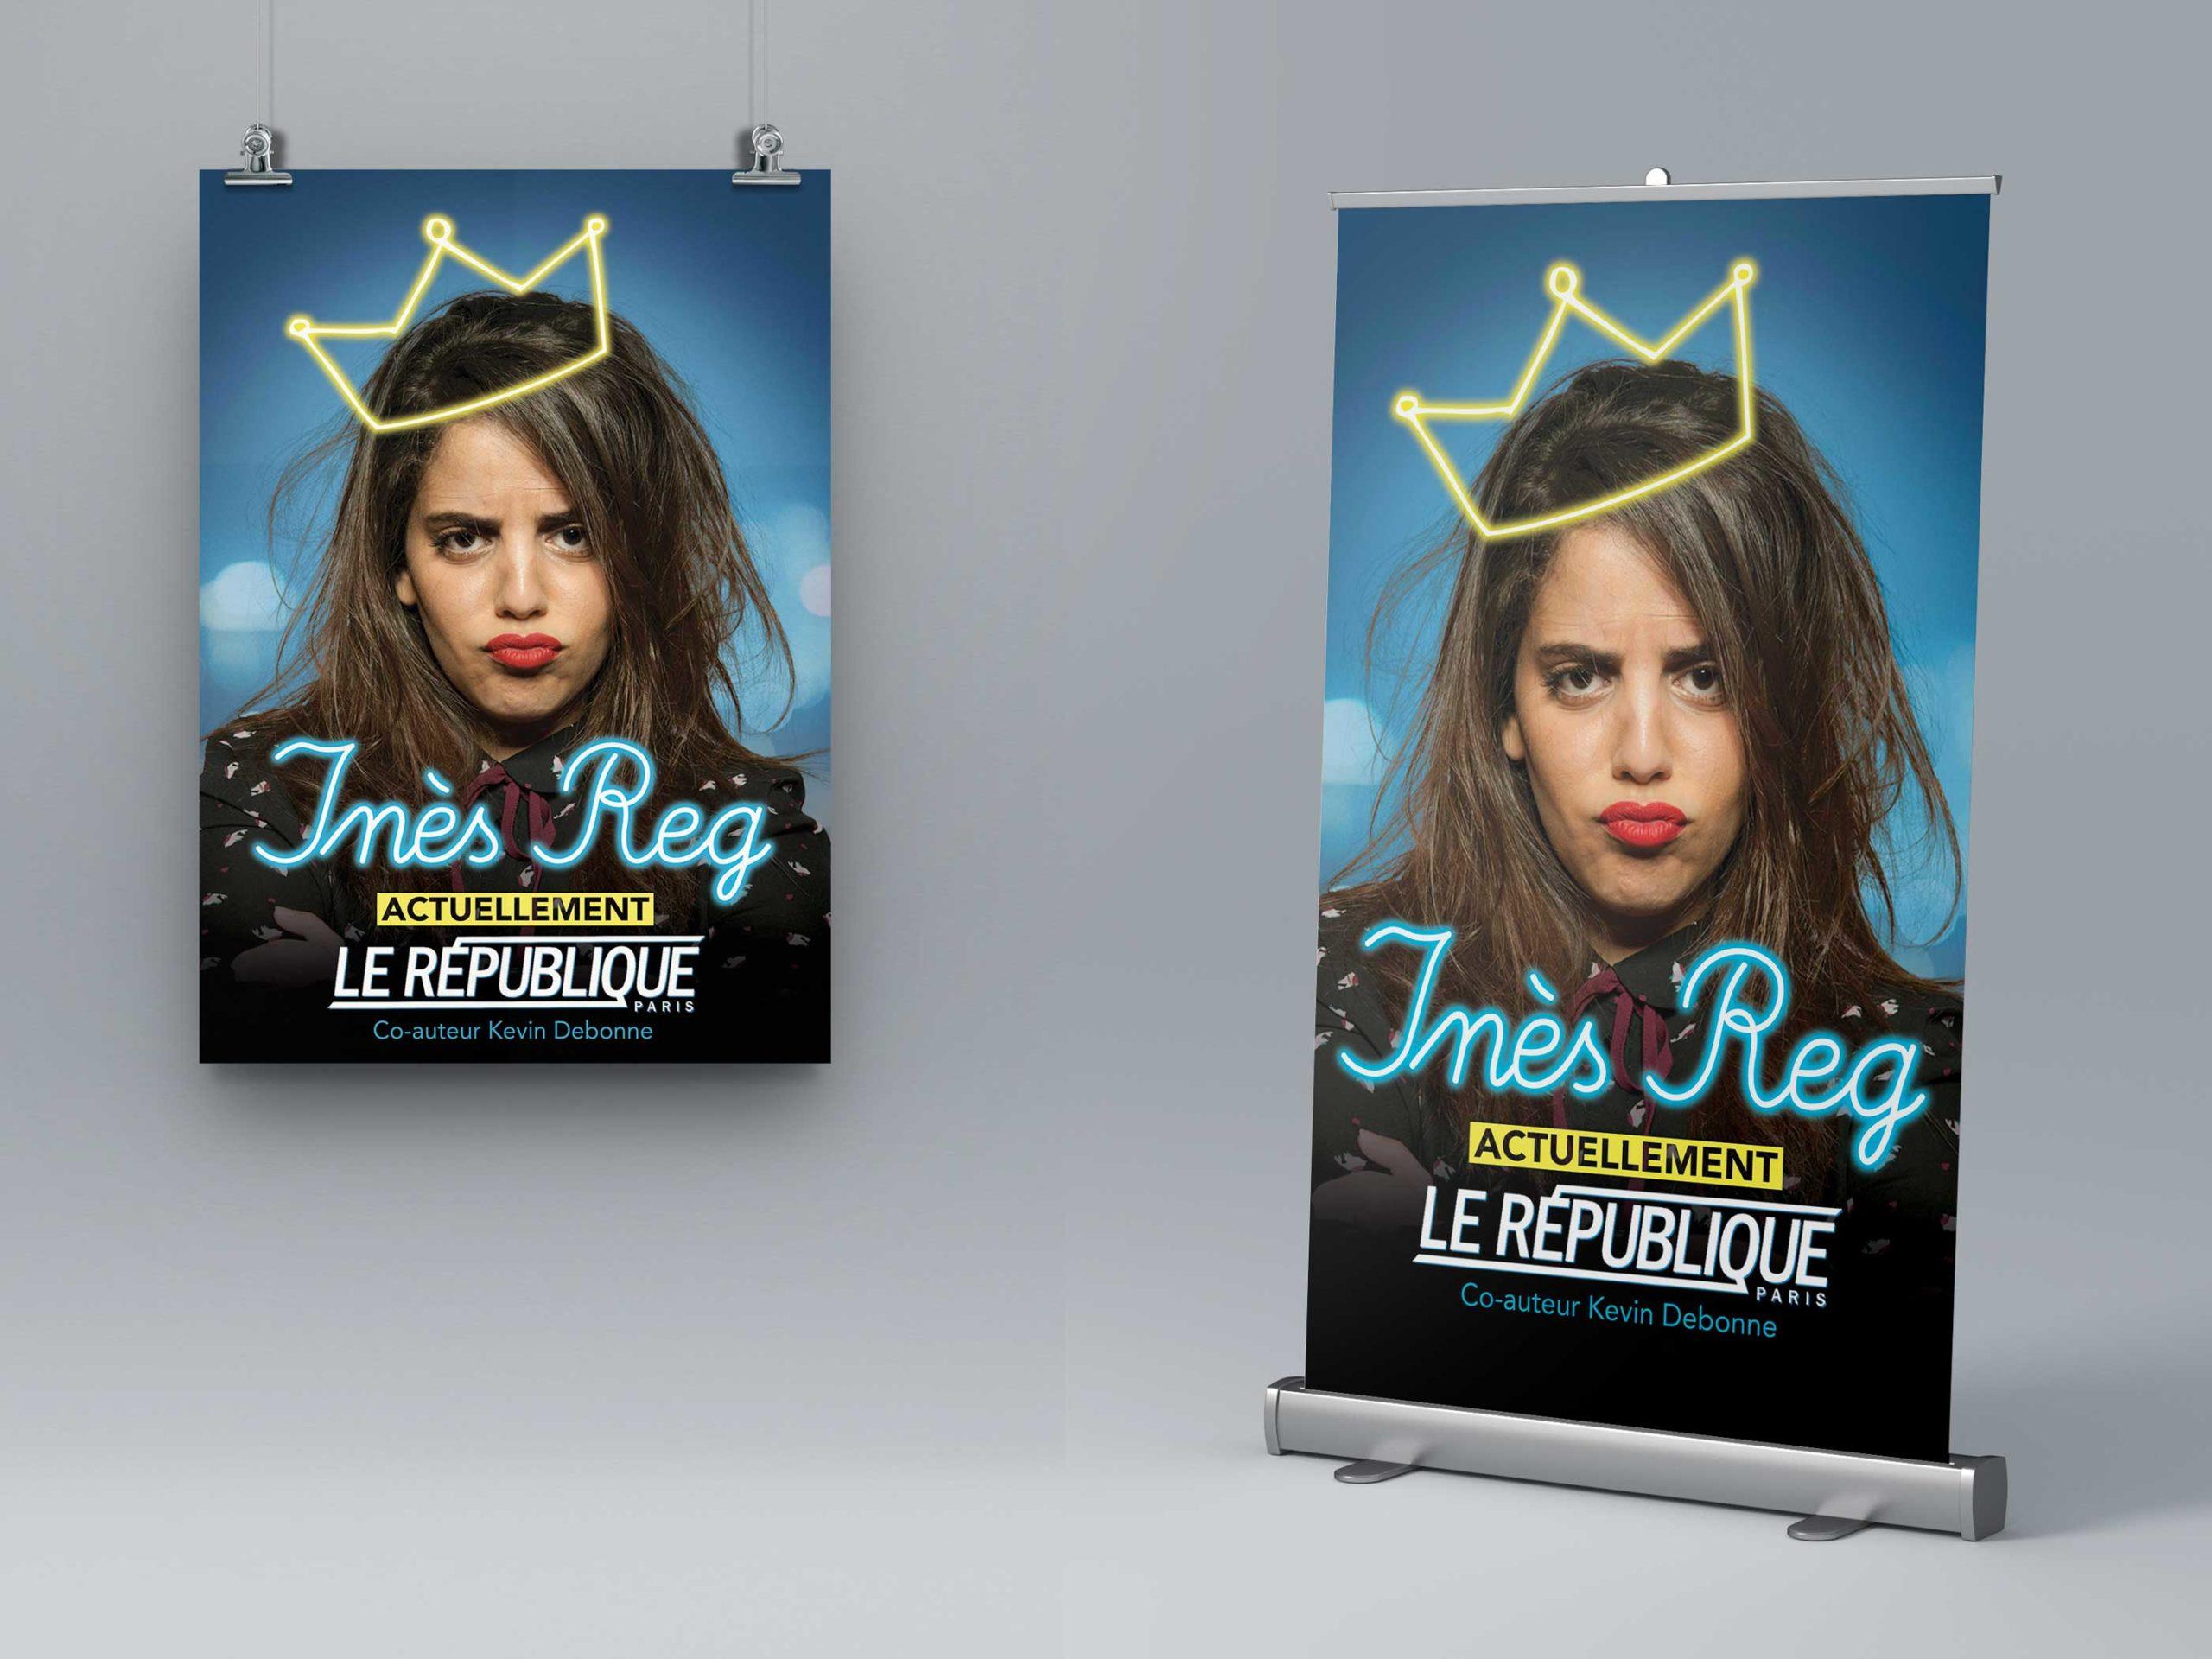 affiches et enrouleurs du spectacle de l'humoriste Inès Reg sur fond gris